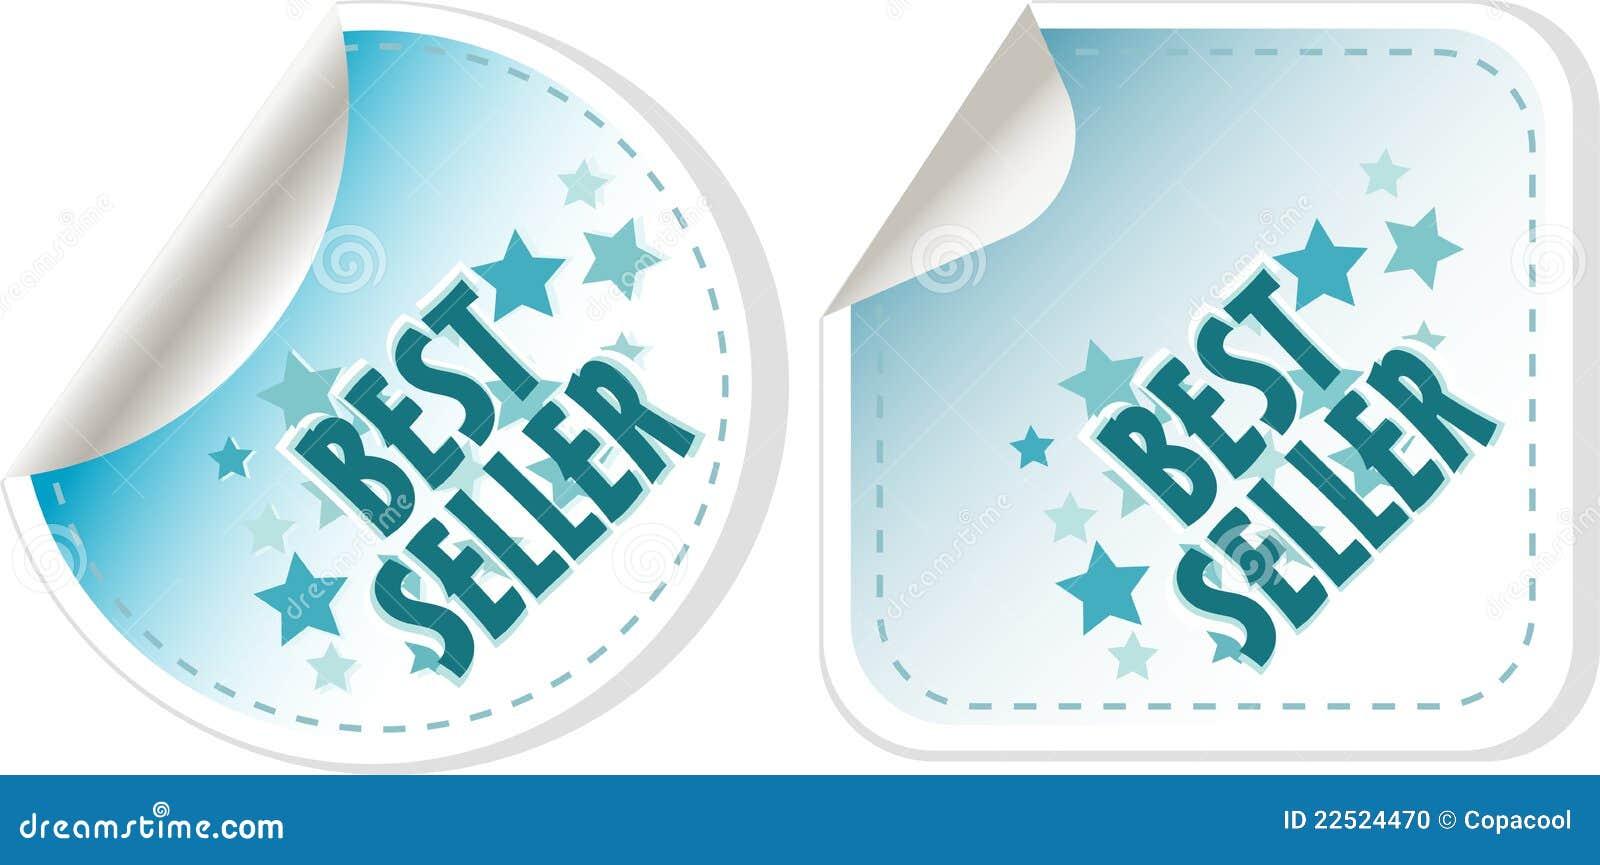 Blaue Aufkleber des Verkaufsschlagers eingestellt. vektorkennsatz